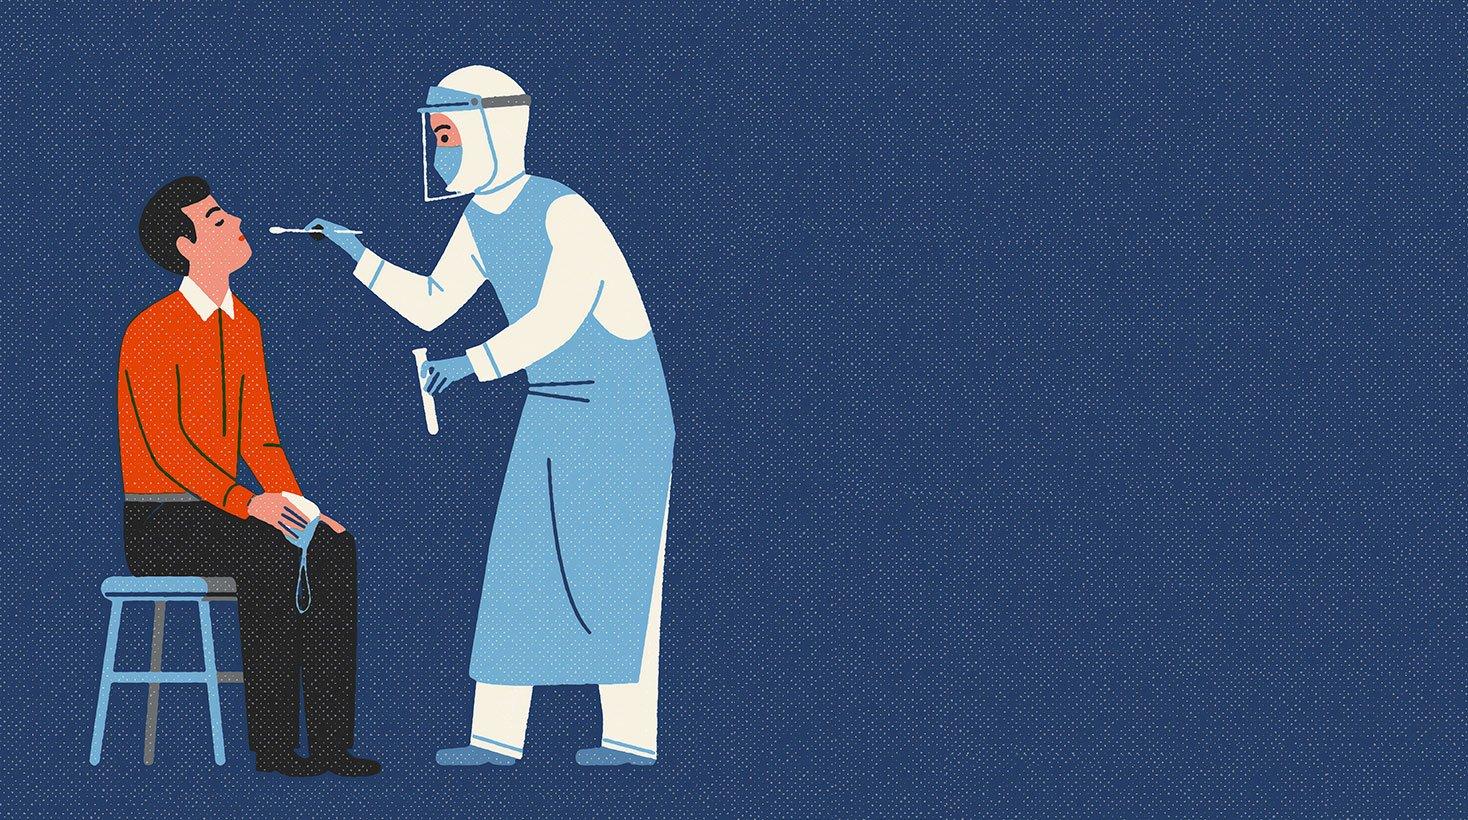 La pandemia es un potente catalizador para la innovación.